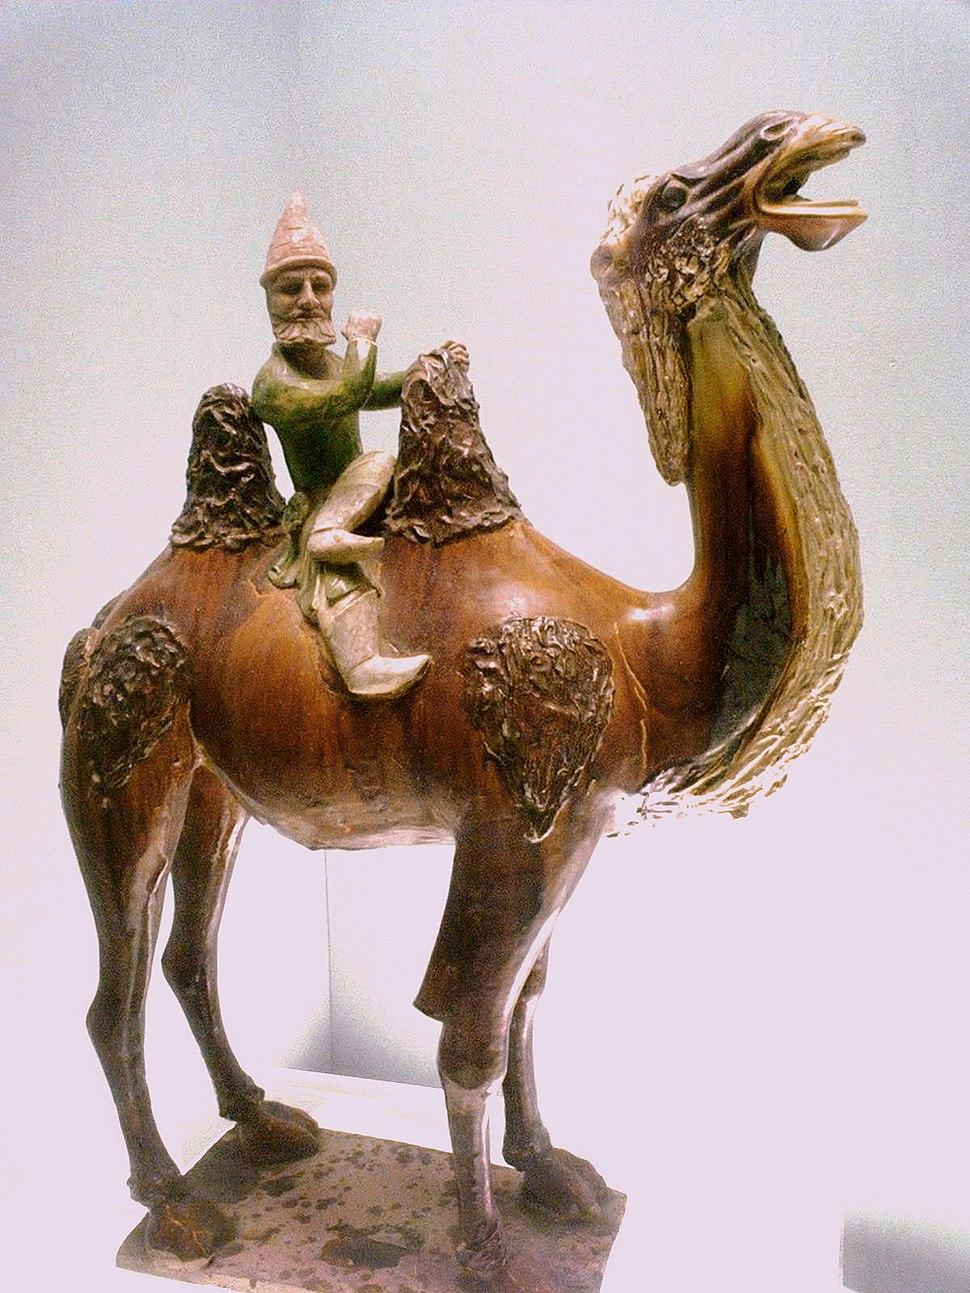 Westerner on a camel